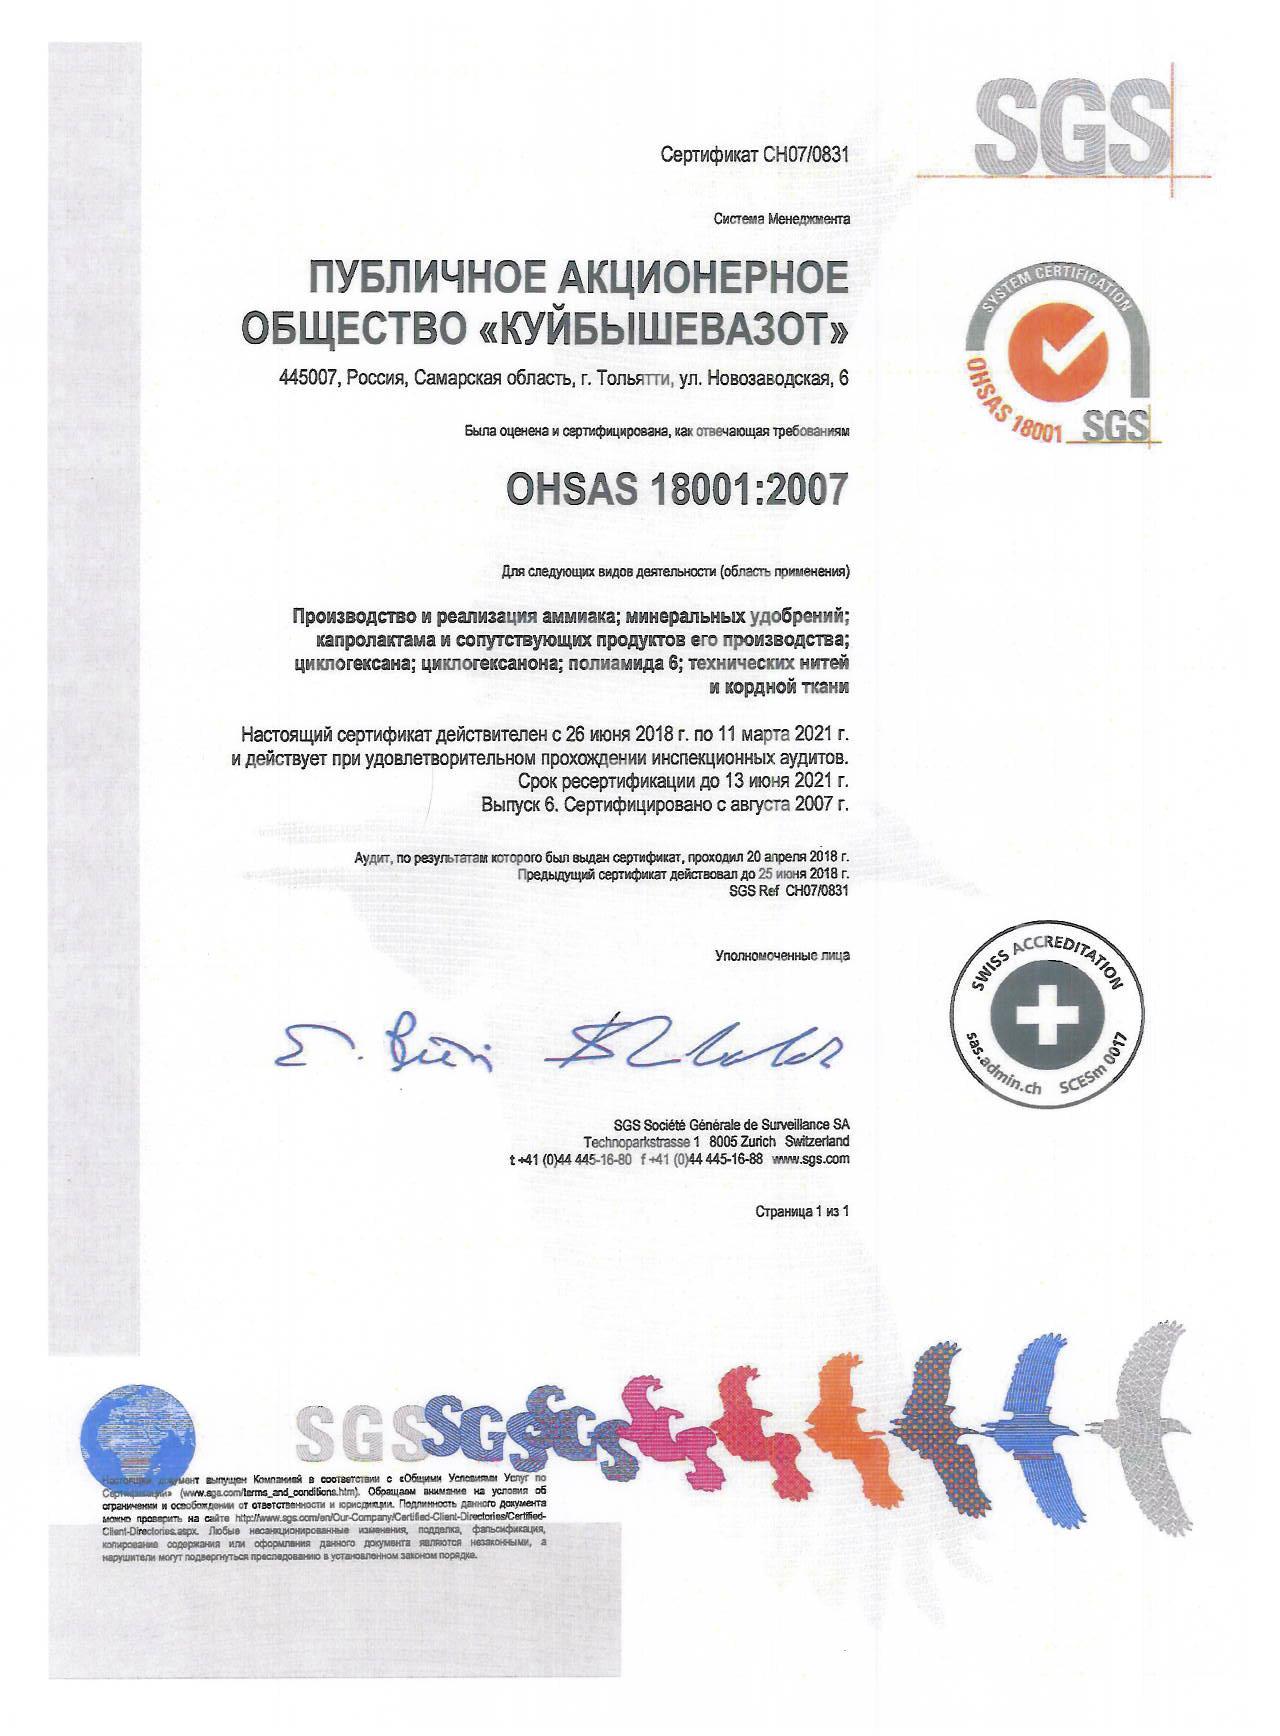 Сертификат OHSAS 18001:2007